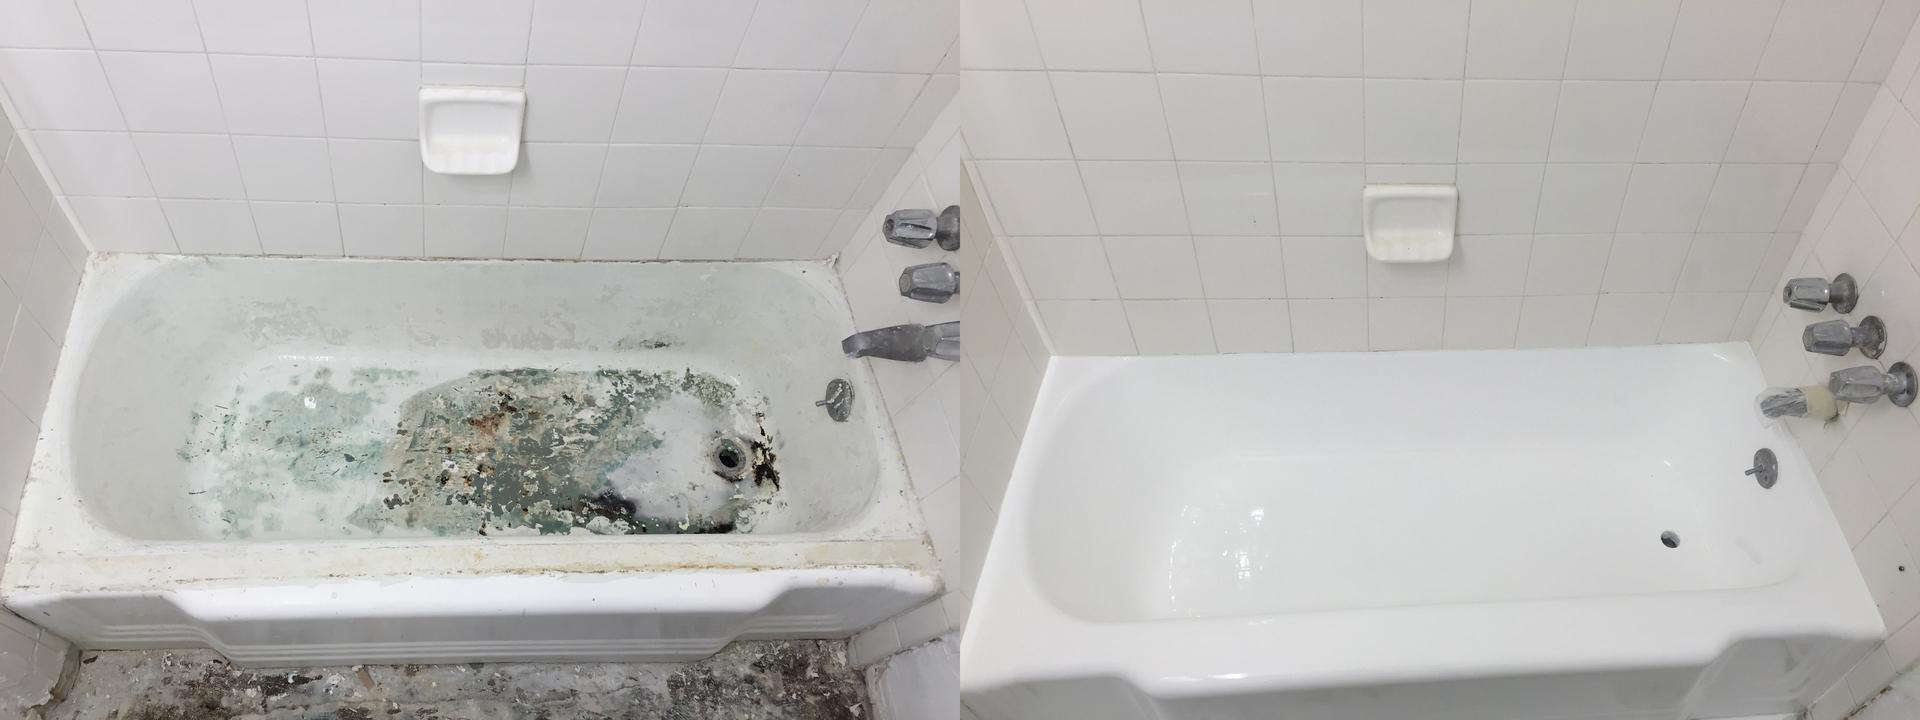 Fg Tub And Tile - Bathtub Reglazing, Bathtub Refinishing, Tile ...